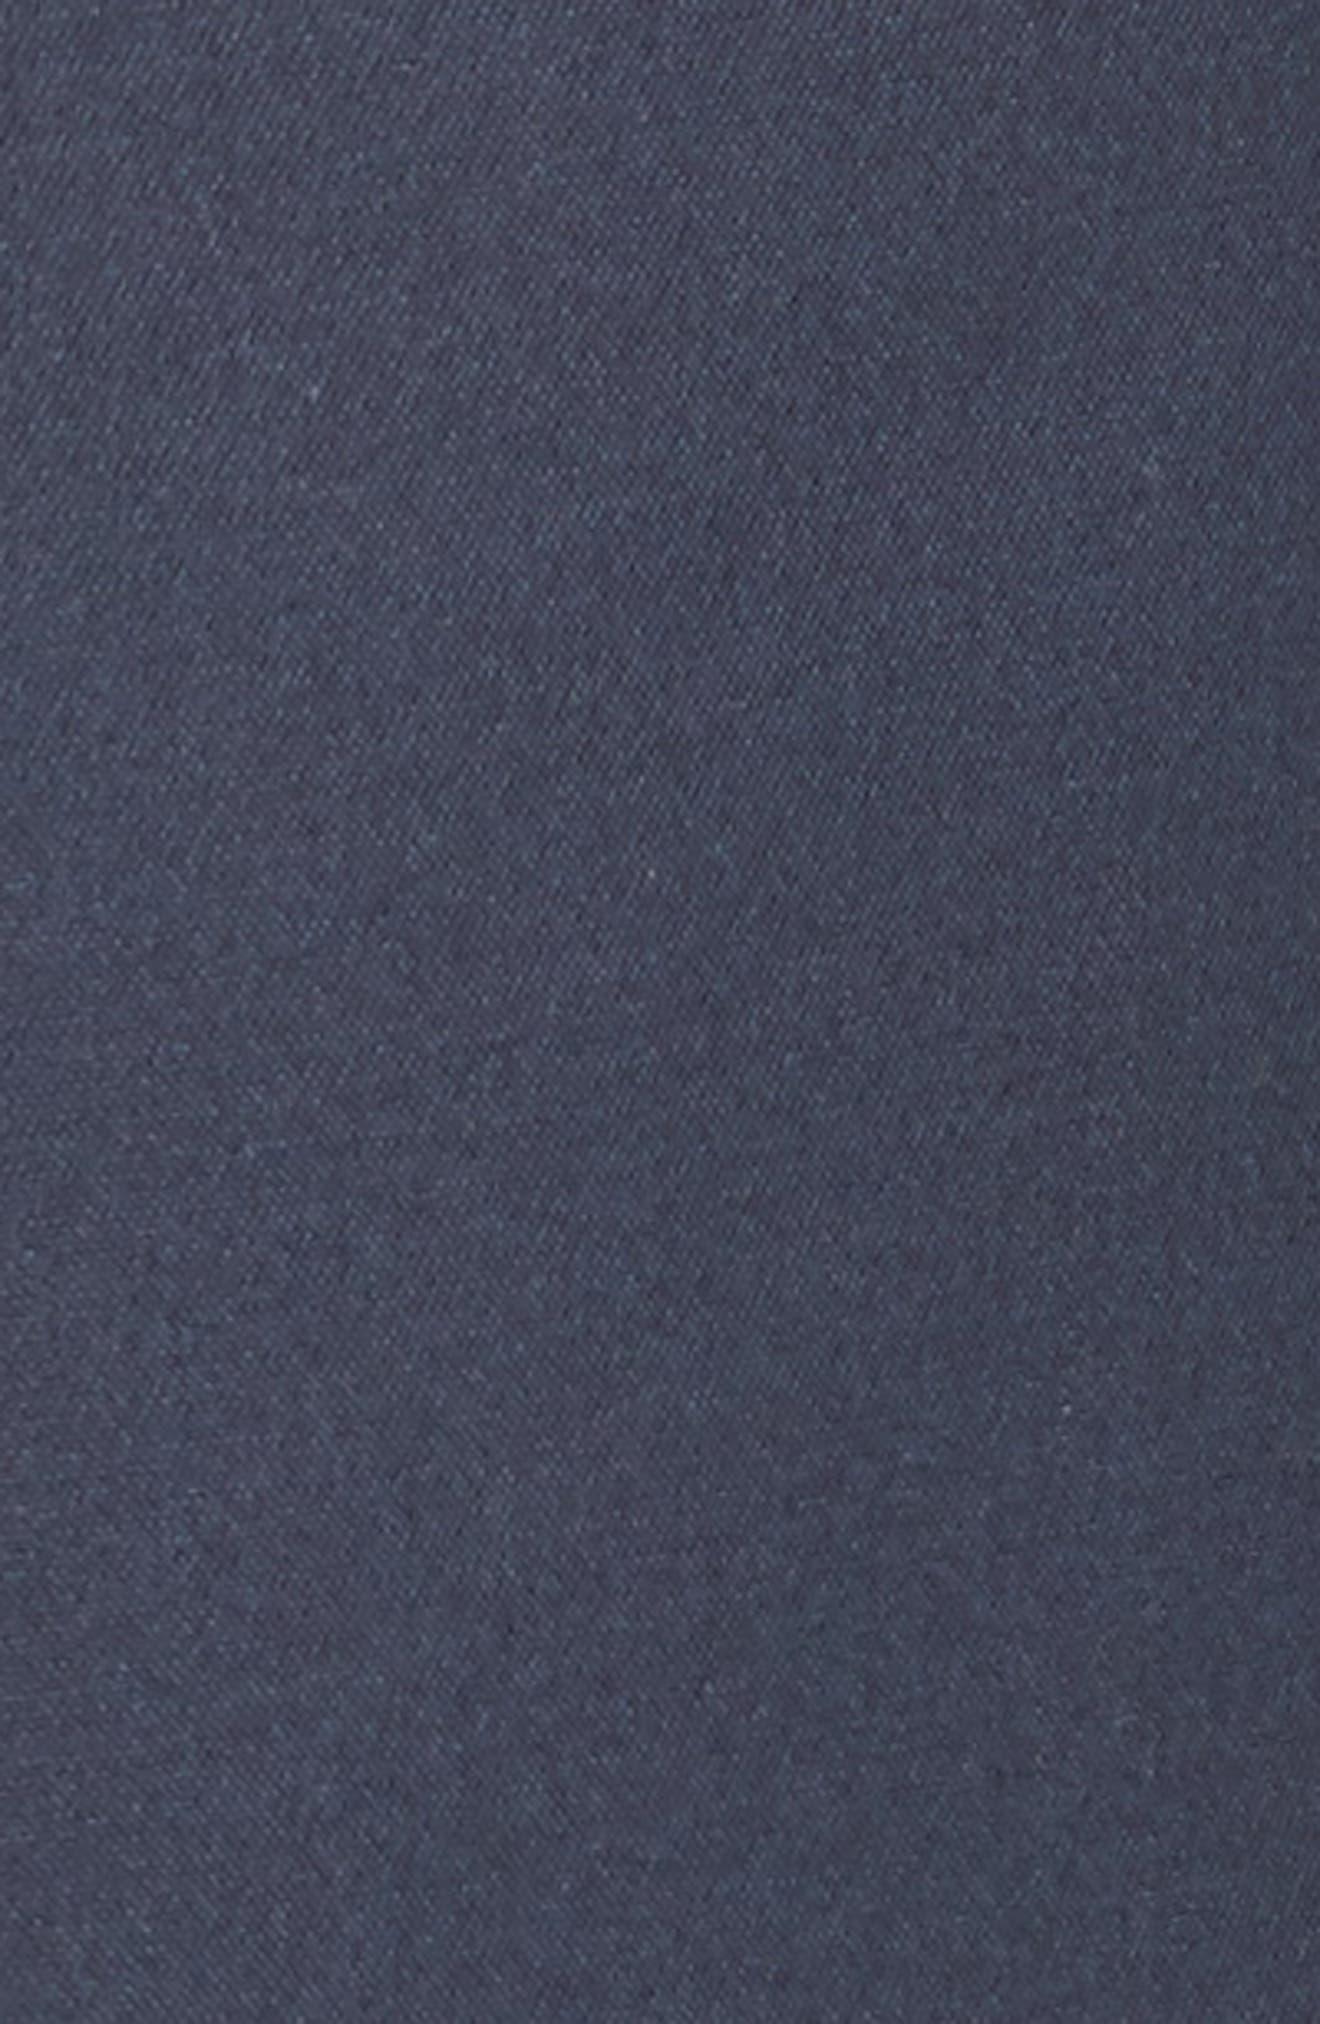 Cotton & Silk Sailor Pants,                             Alternate thumbnail 5, color,                             416